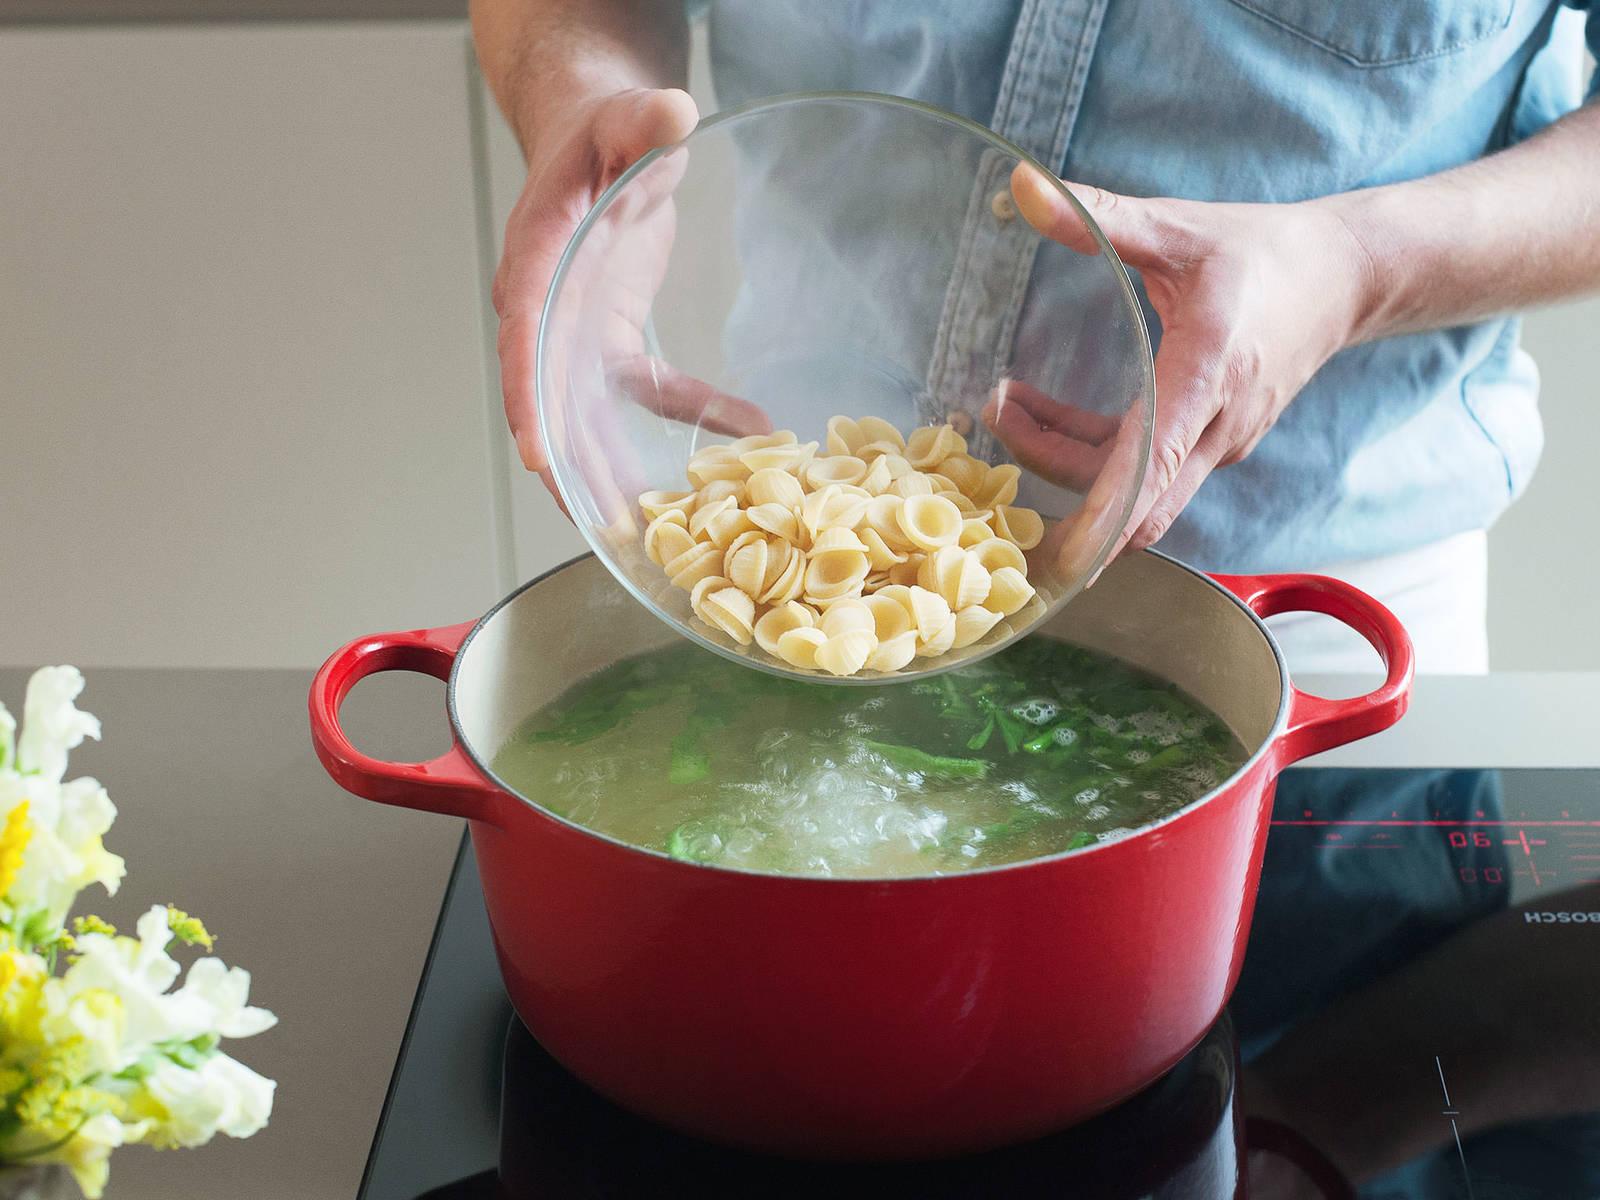 根据包装上的说明,将猫耳朵意面煮上8-10分钟,至煮出弹牙嚼劲。在煮面的最后两分钟时,加入西兰花茎。然后滤干意面和西兰花,置于一旁备用。